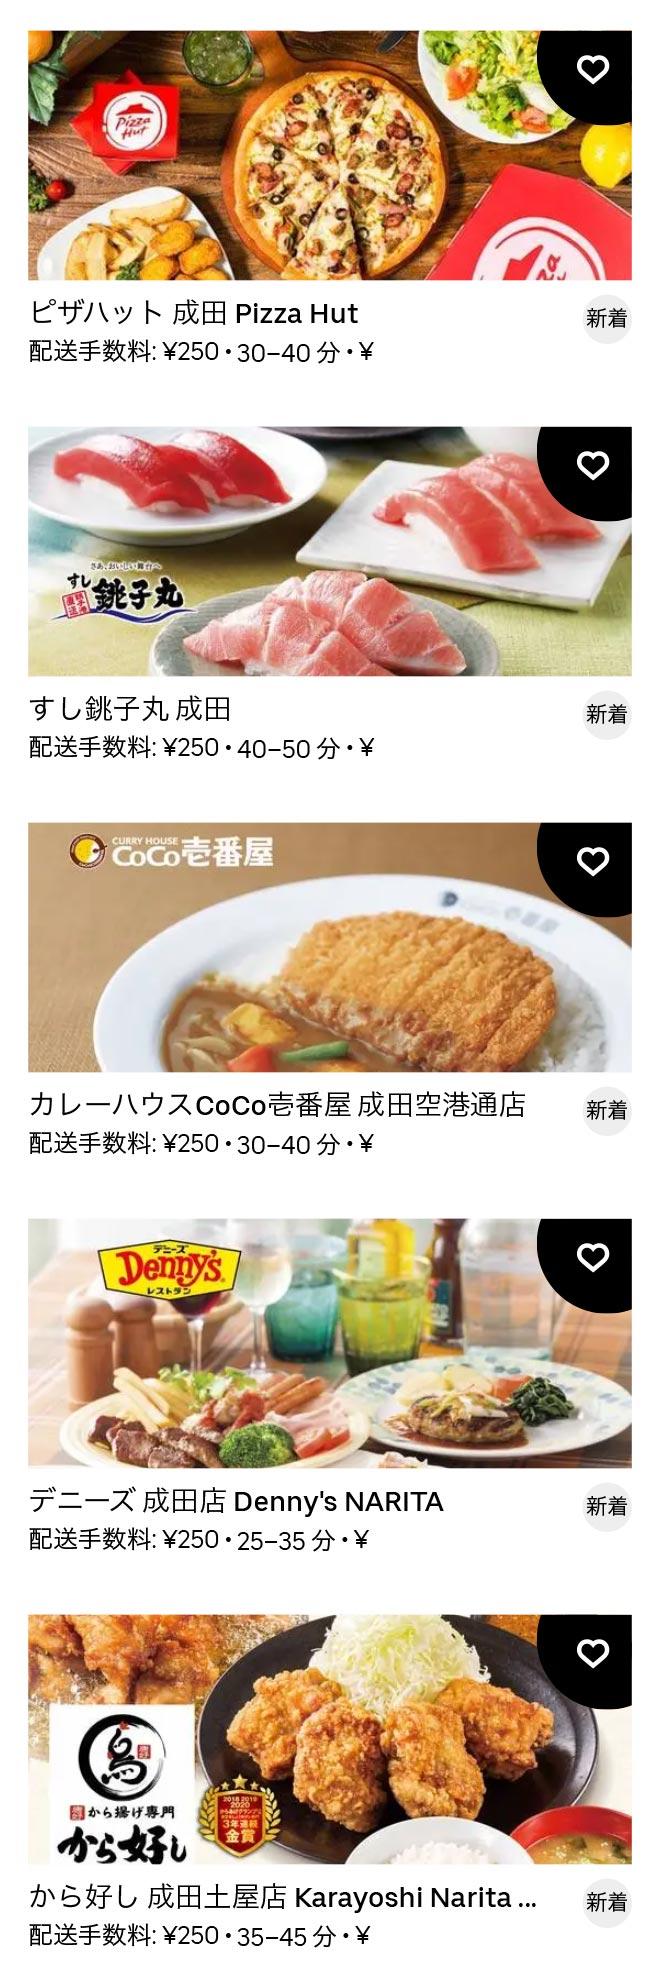 Narita menu 2011 3